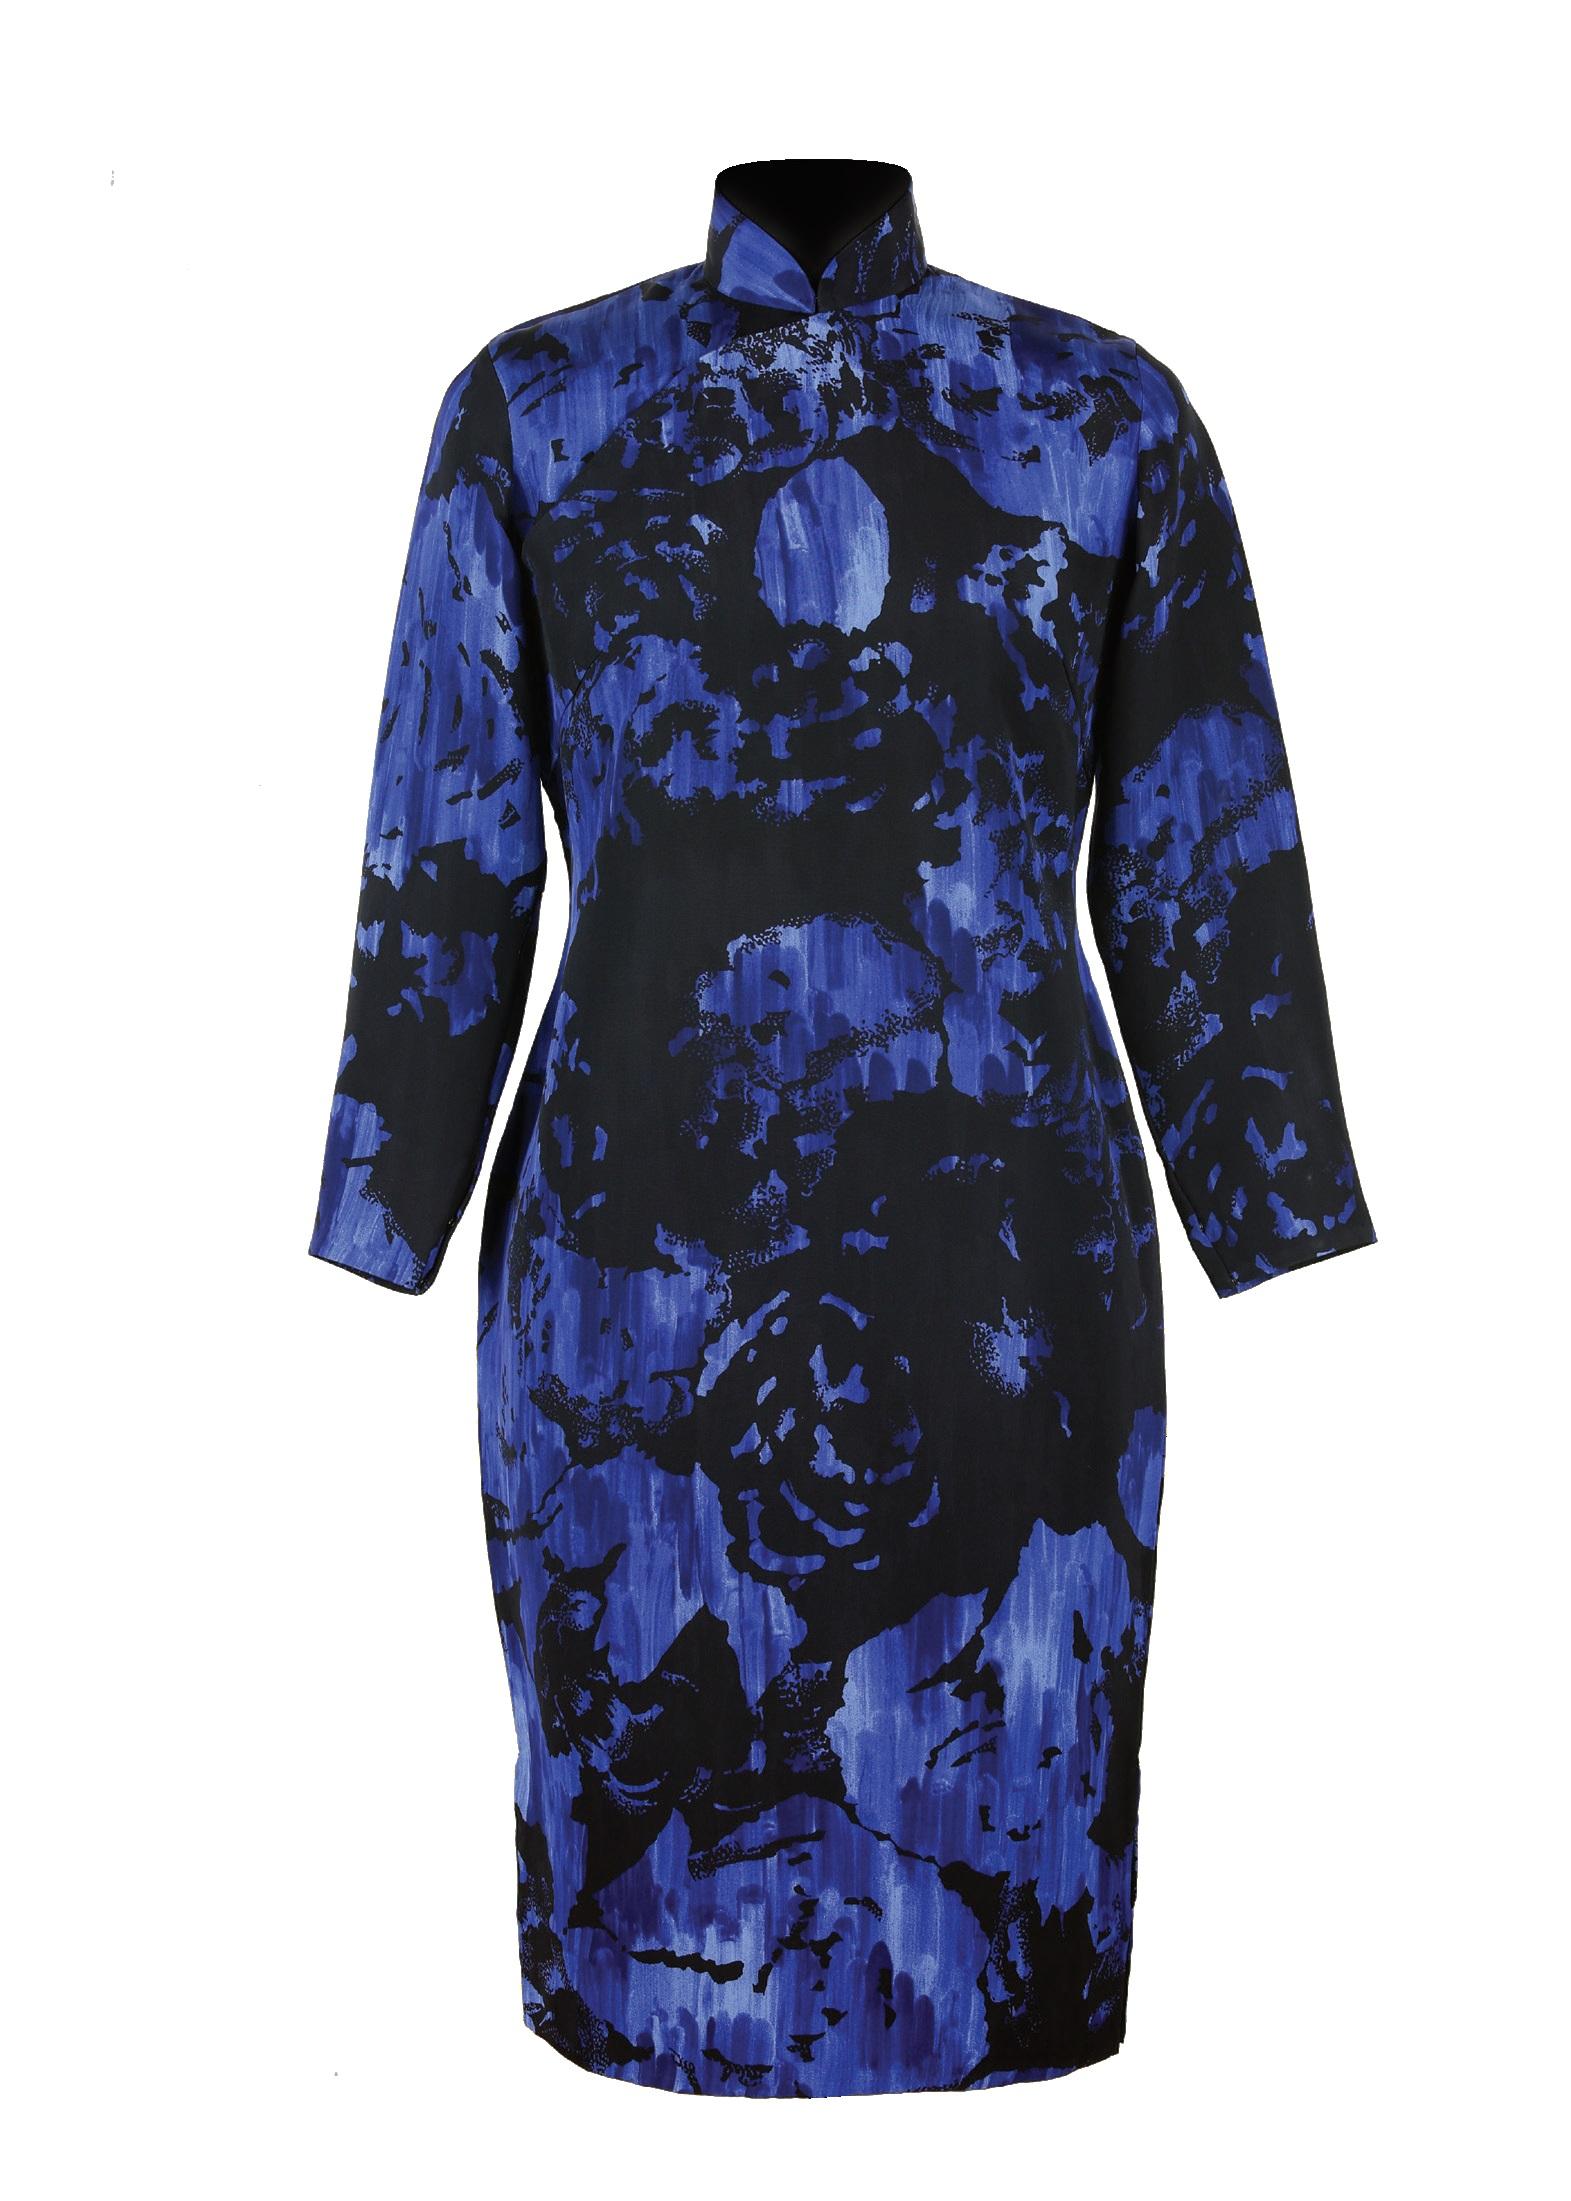 藍地黑色印花綢長袖旗袍「海上の明月、軽い裾に風を追う-江南の貴族と海派チャイナドレス」上海大学博物館-海派文化博物館